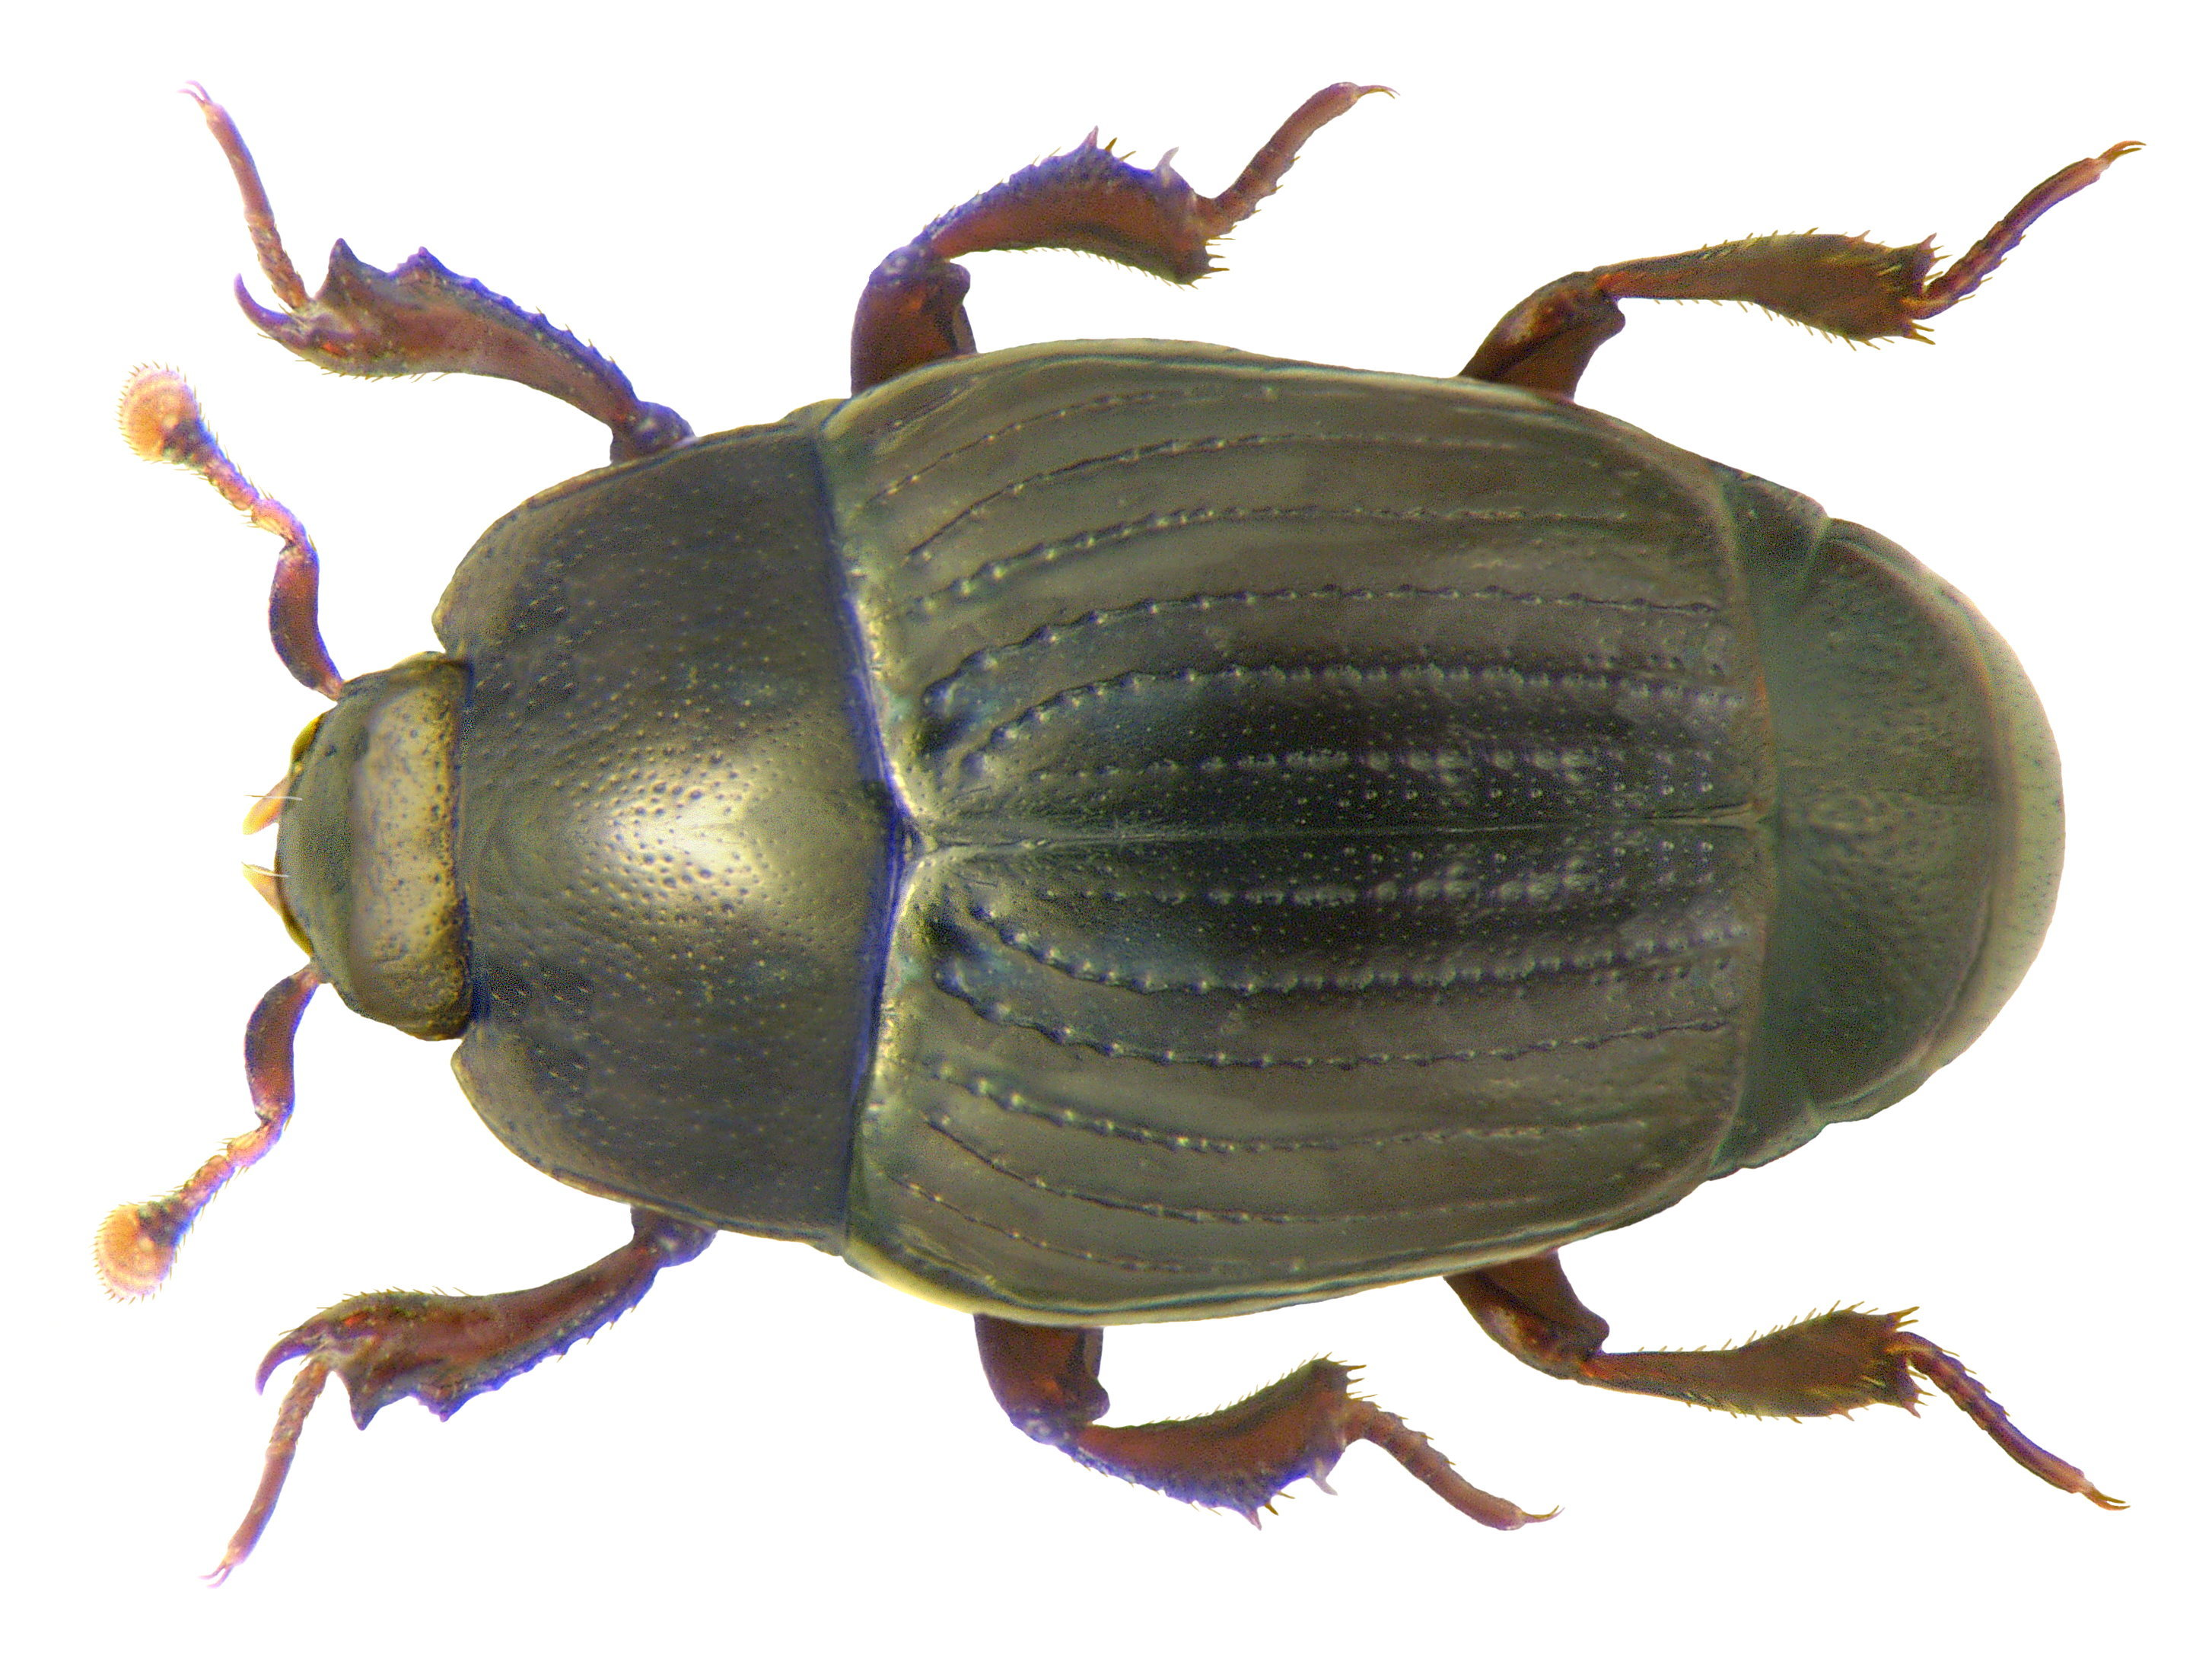 Image of Clown beetle